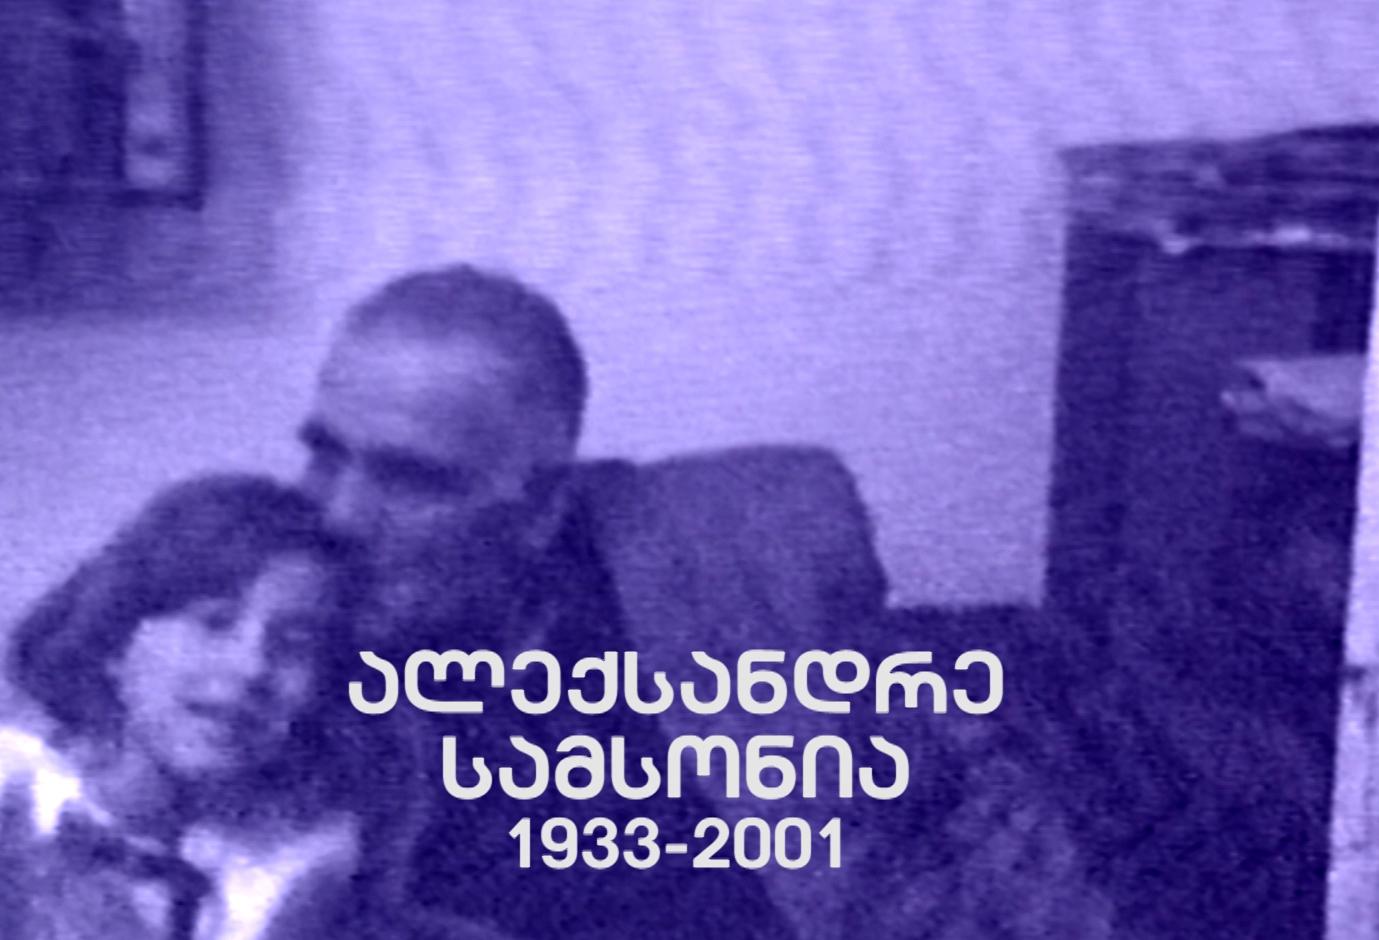 ალექსანდრე სამსონია (1933-2001)